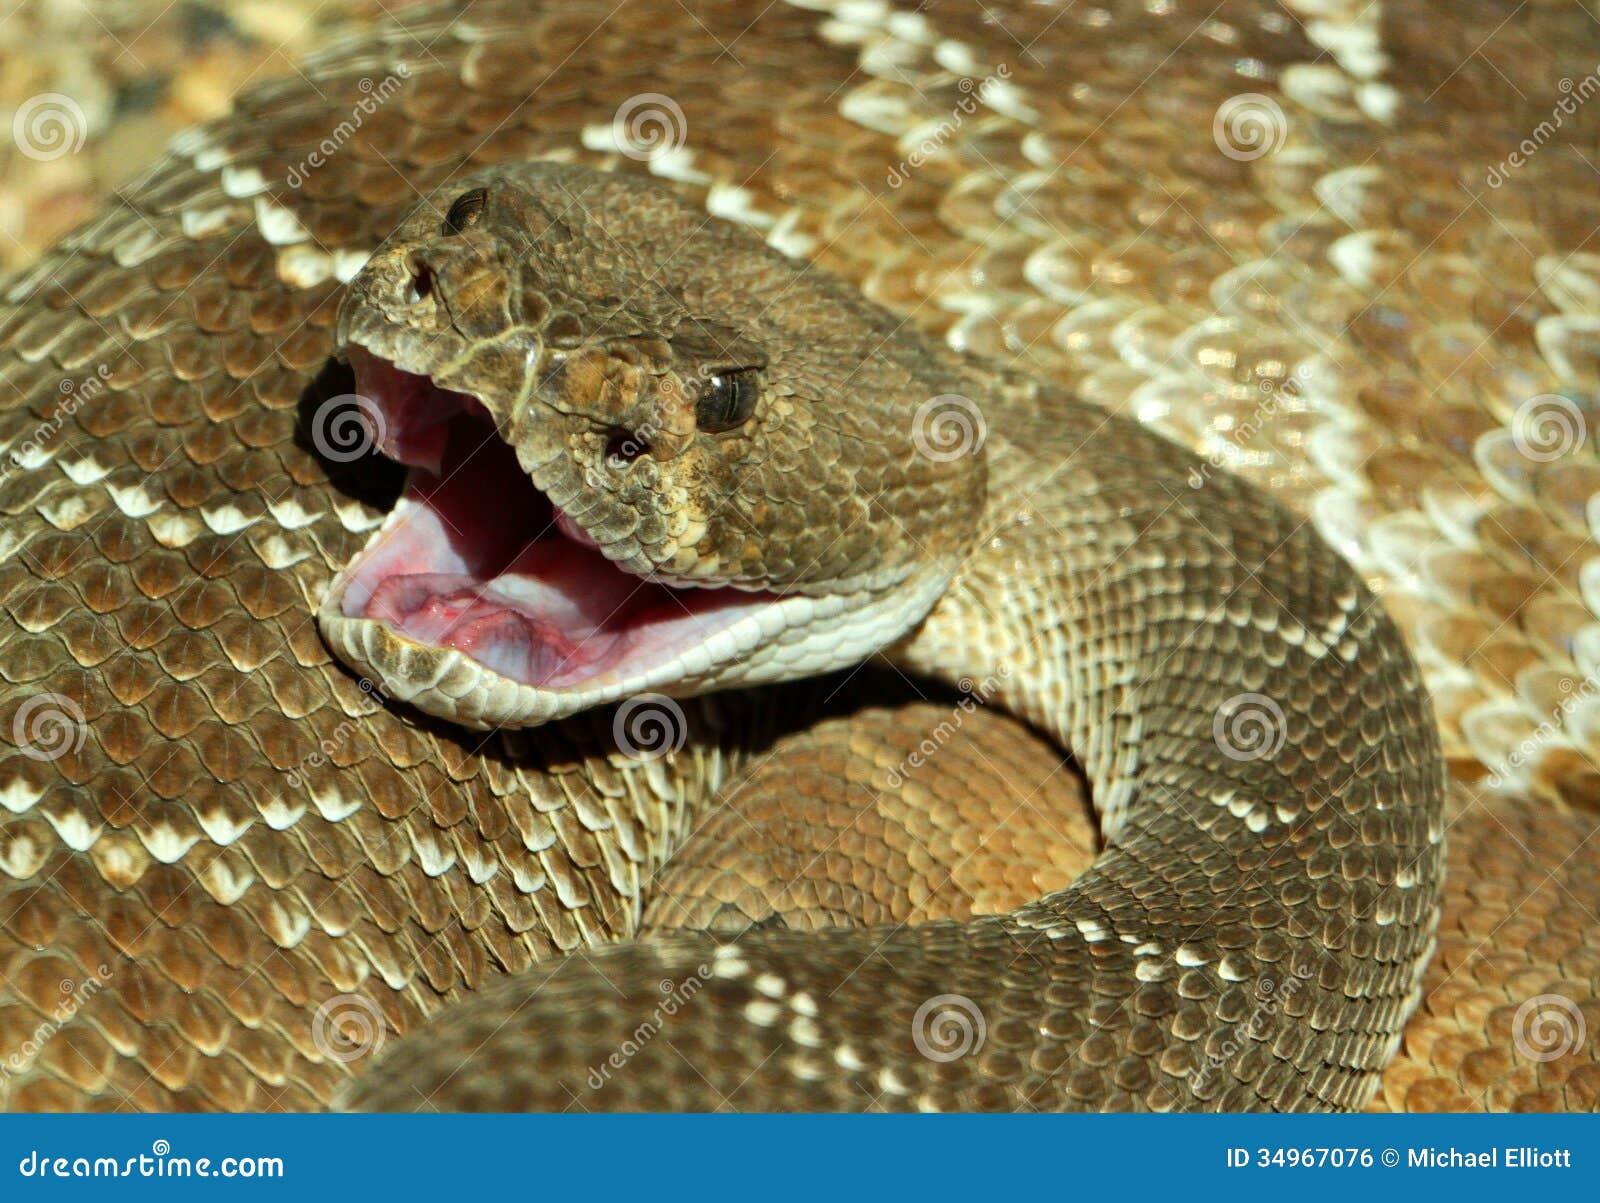 Mordedura De La Serpiente De Cascabel Stock Photos - 142 Images